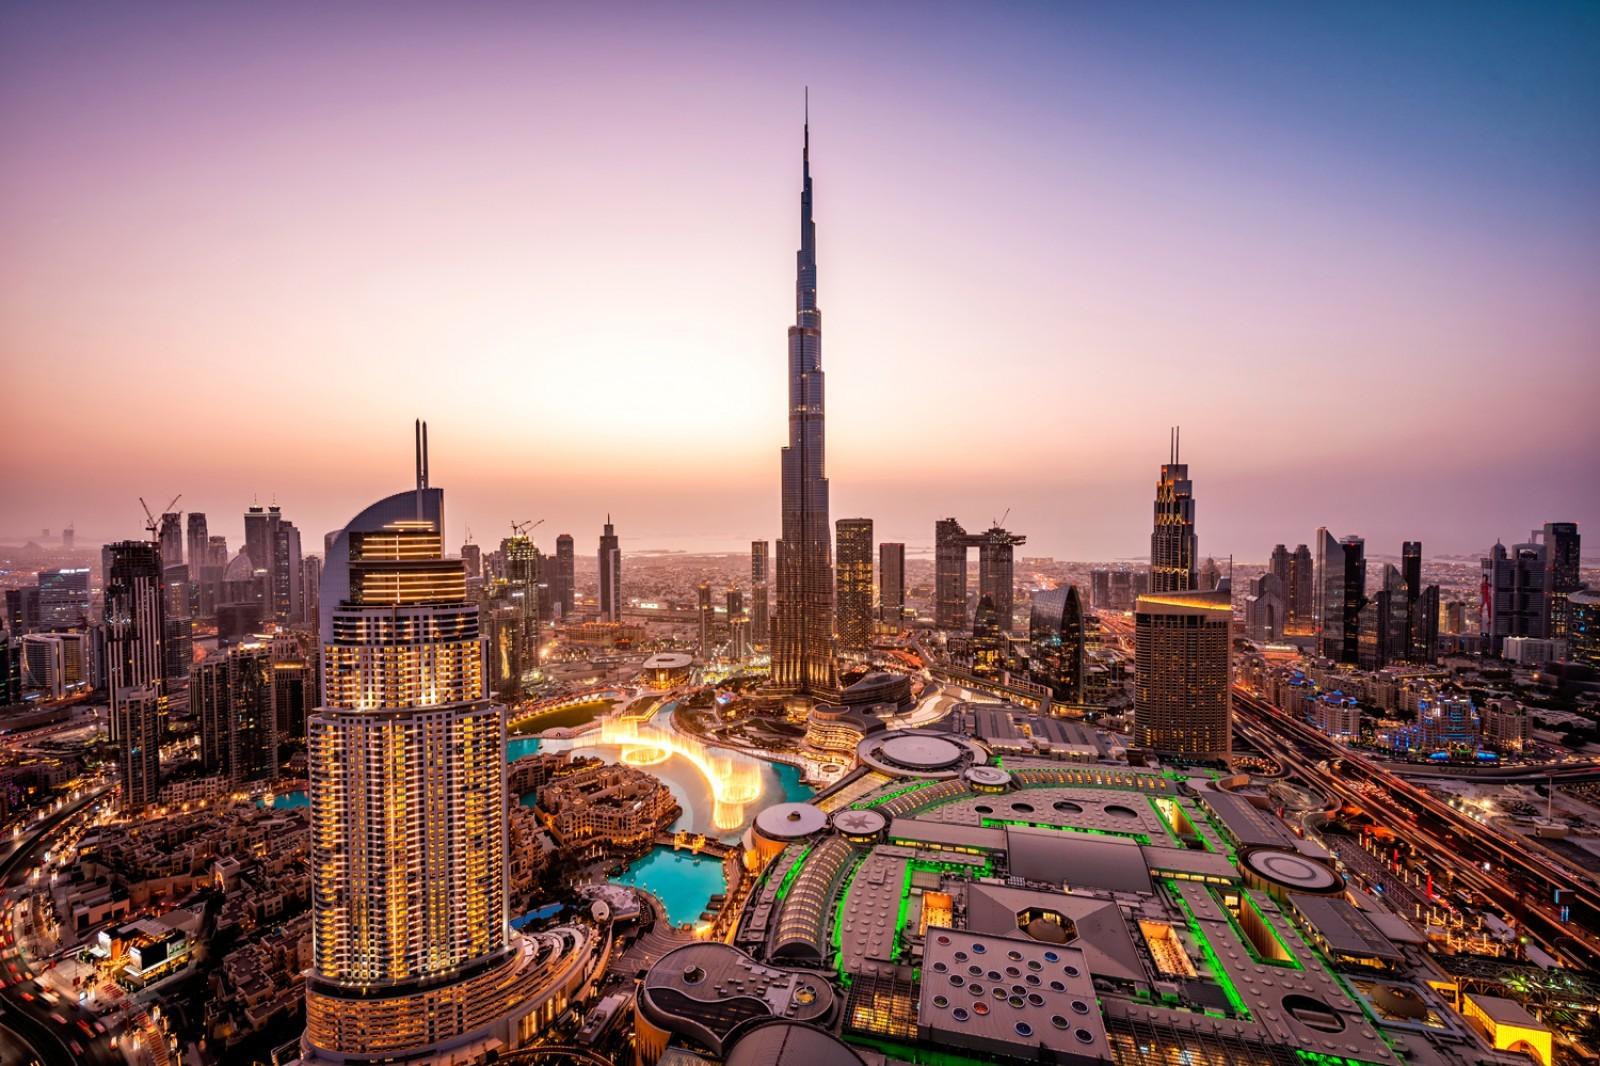 حكومة دبي تملك 24 حالة استخدام لتقنية البلوكشين في السنوات الثلاث الماضية